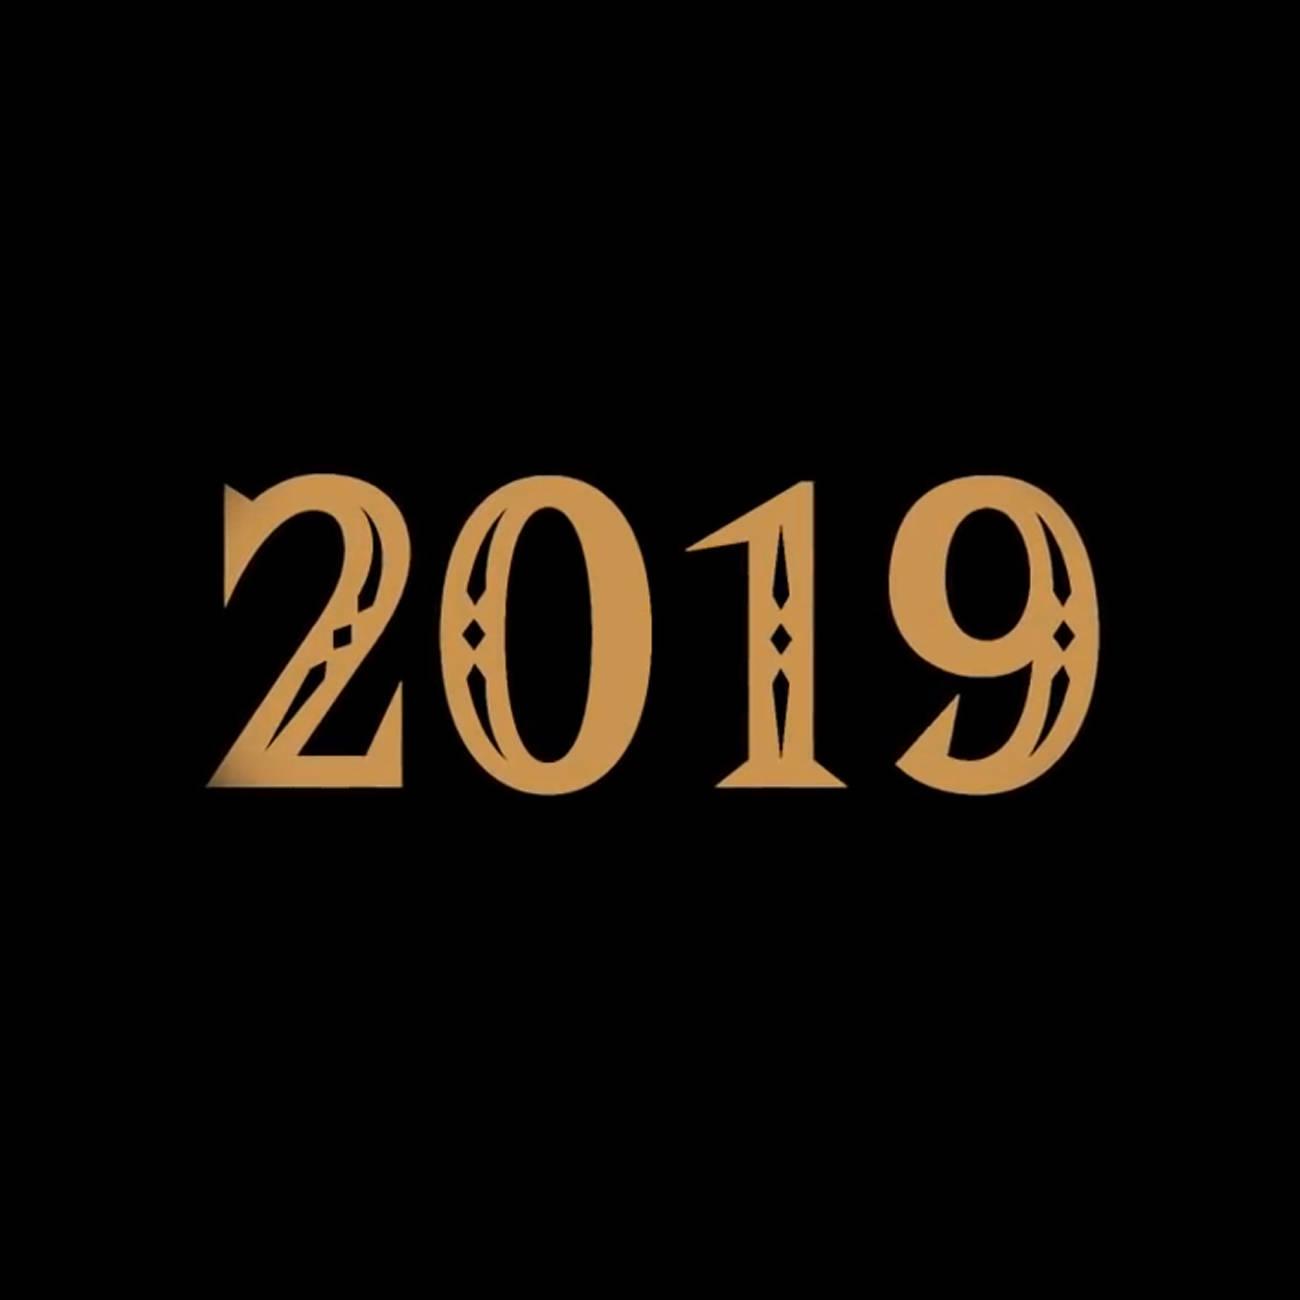 ゼルダの伝説、2019年内に新作がもう1本登場 ミニゲーム